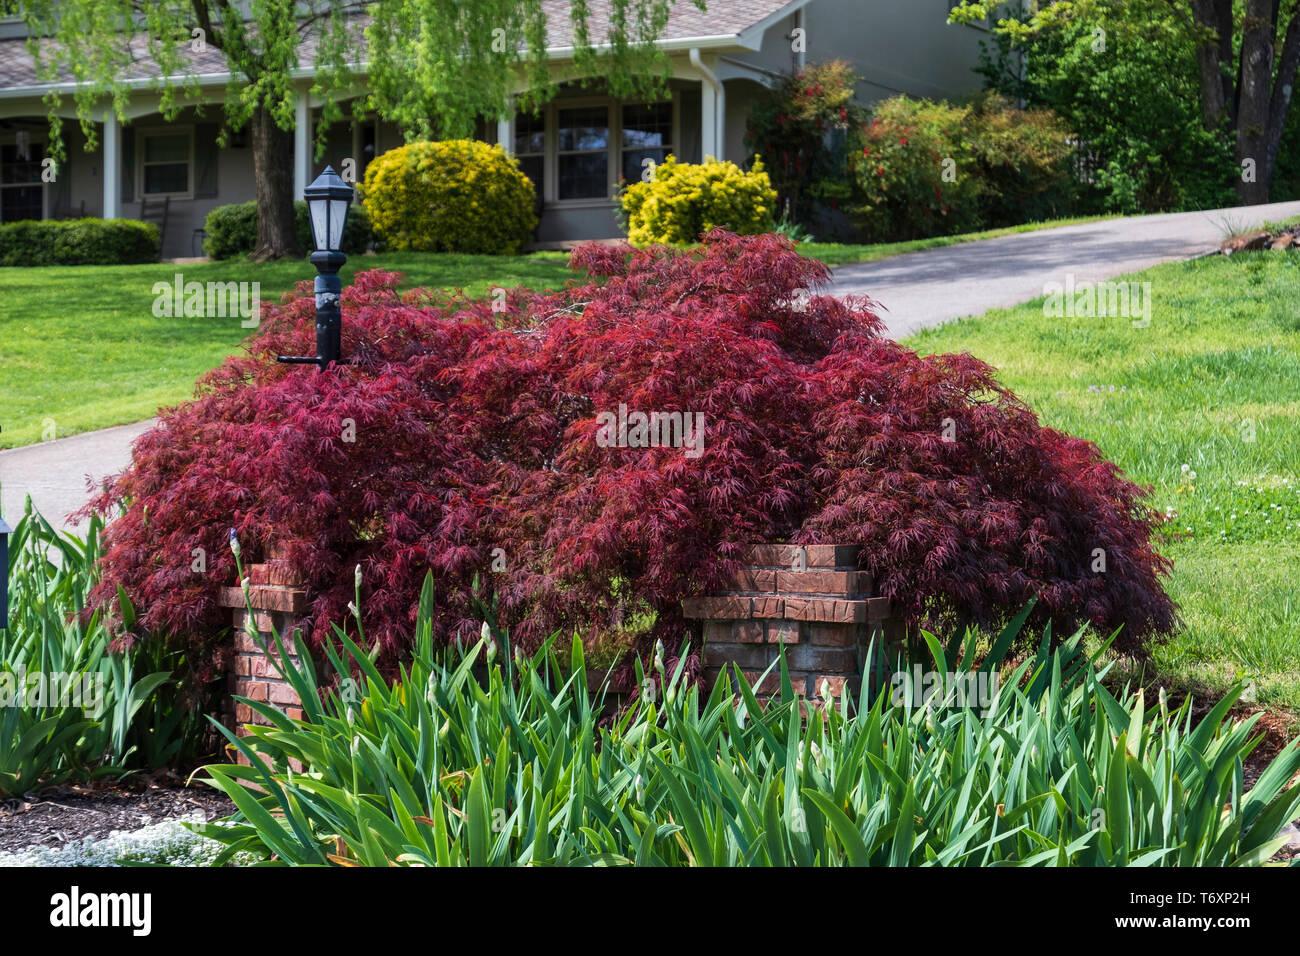 Japanese maple, Acer pamatum, un llanto arbusto caducifolio utilizado en un suburbio un ajuste y el paisaje. Knoxville, Tennessee, EE.UU. Imagen De Stock